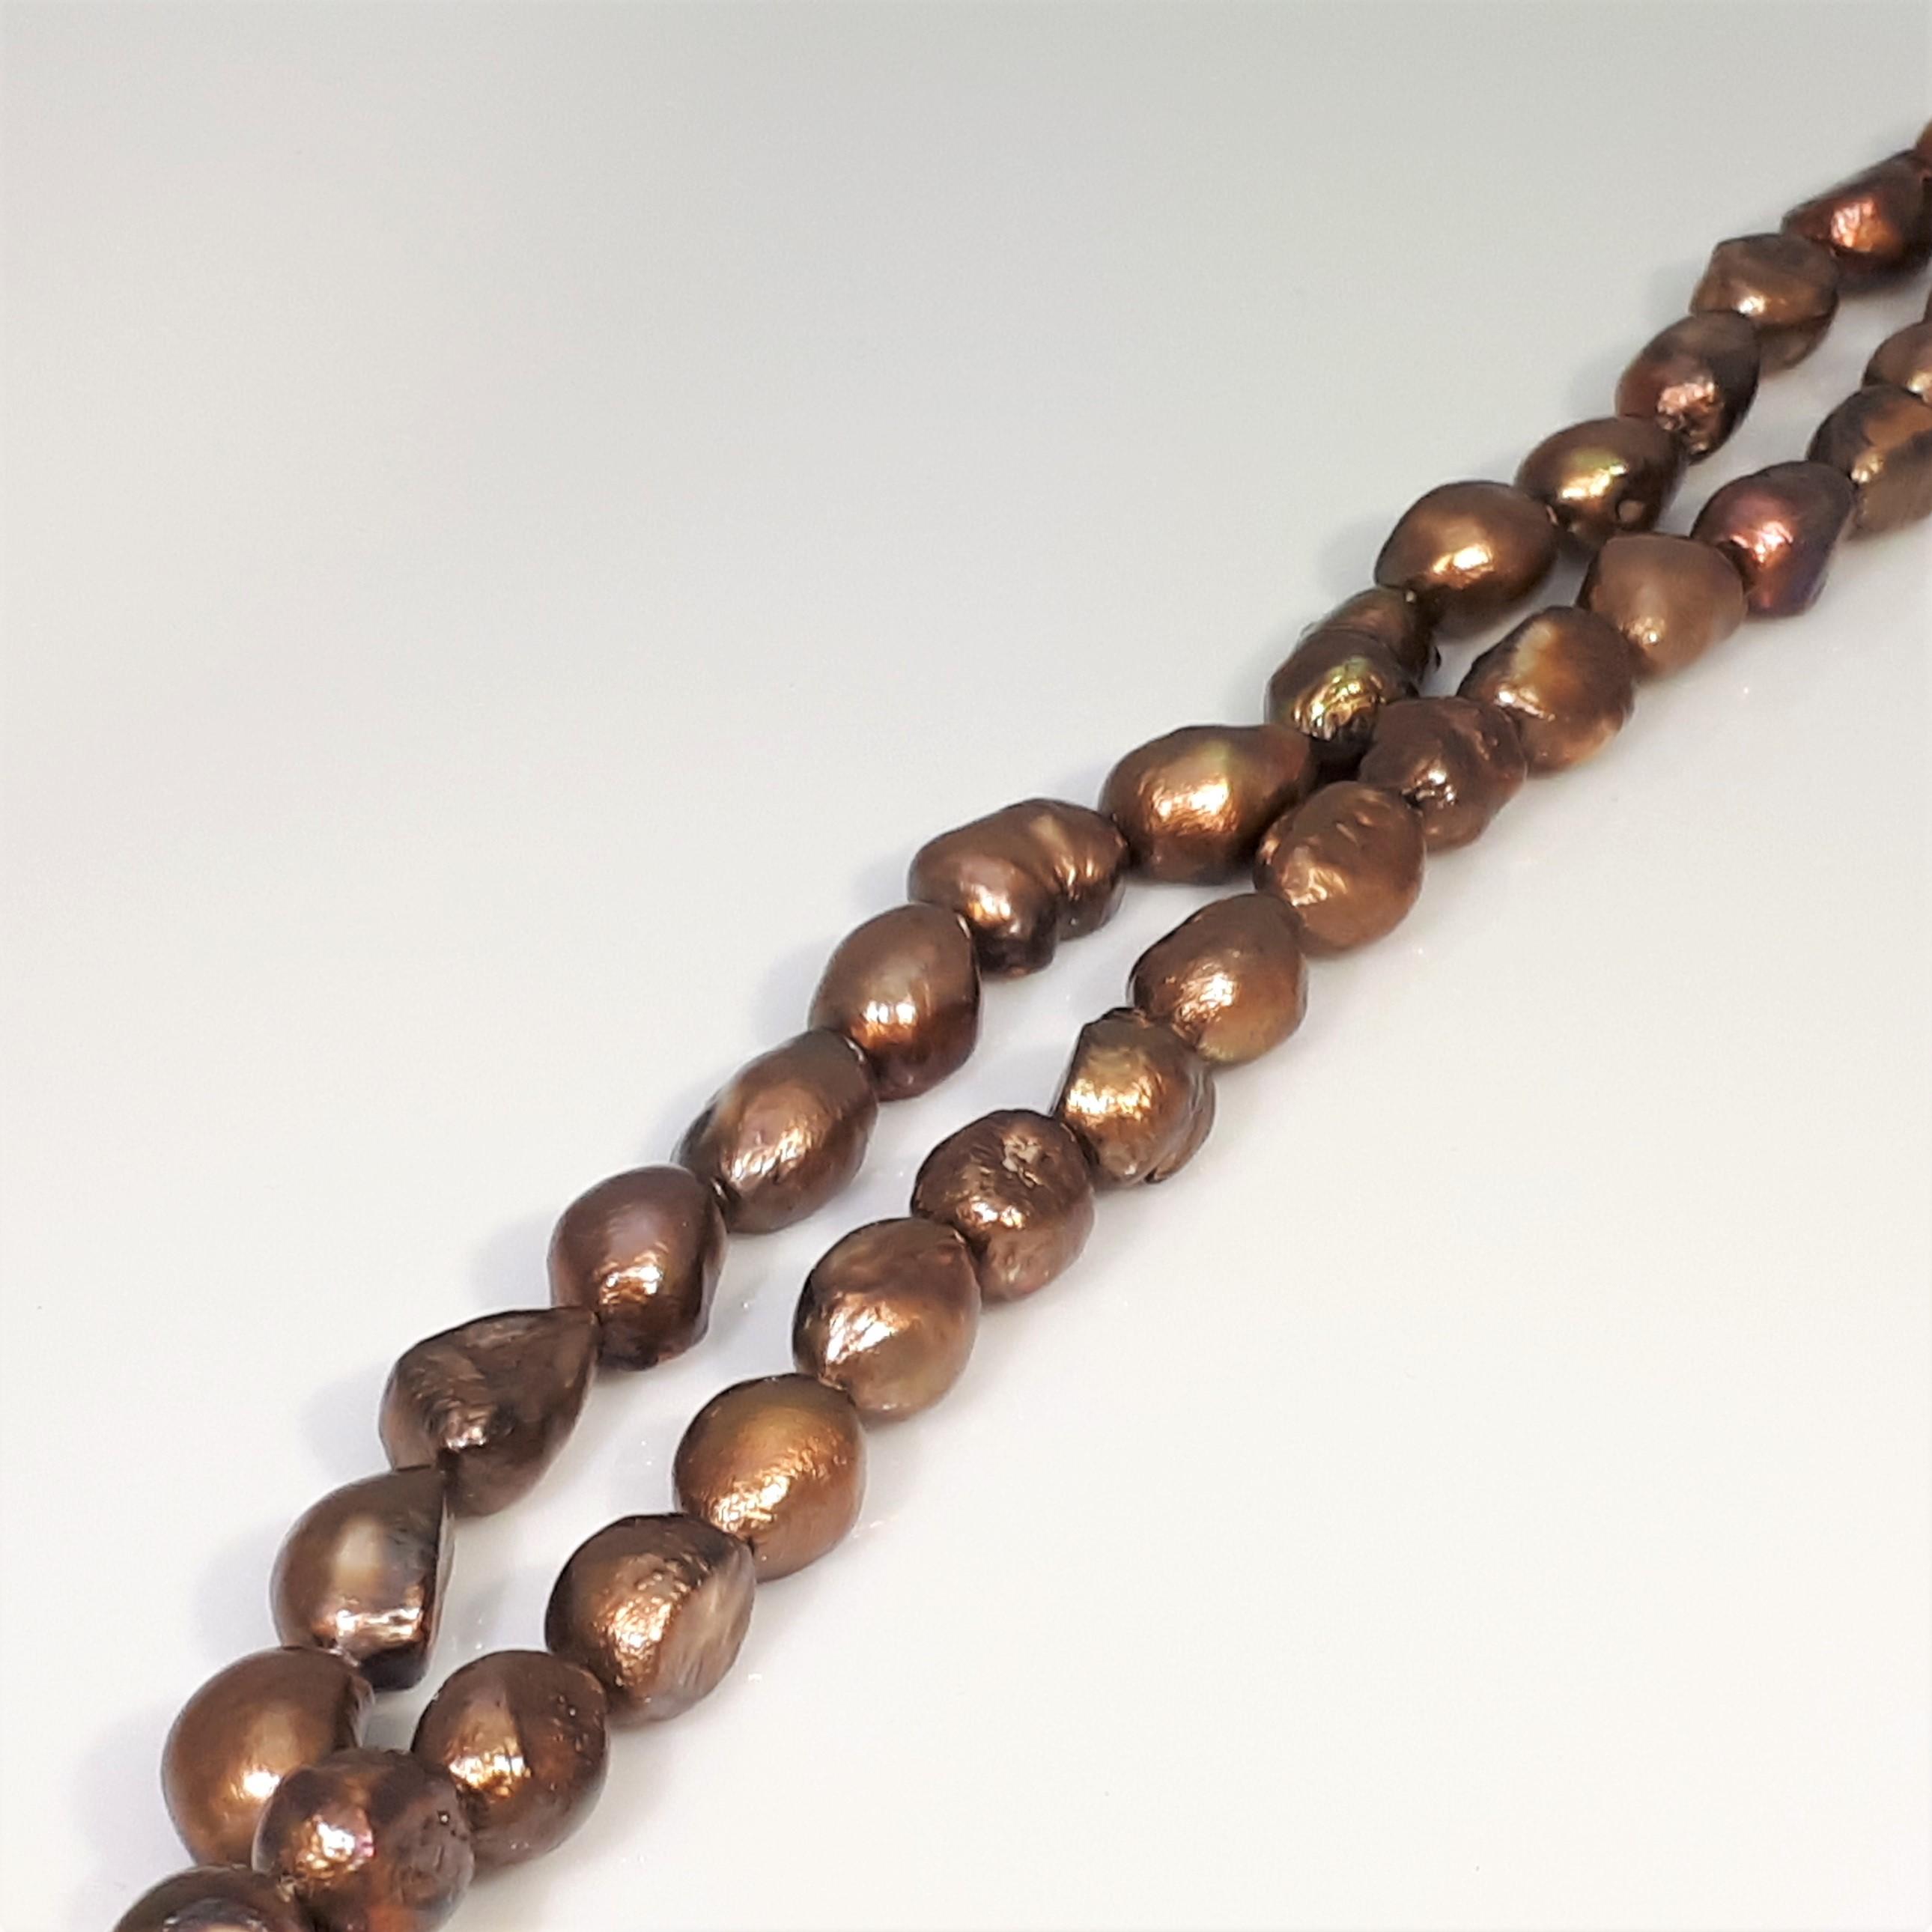 Pärlor på sträng bruna färger